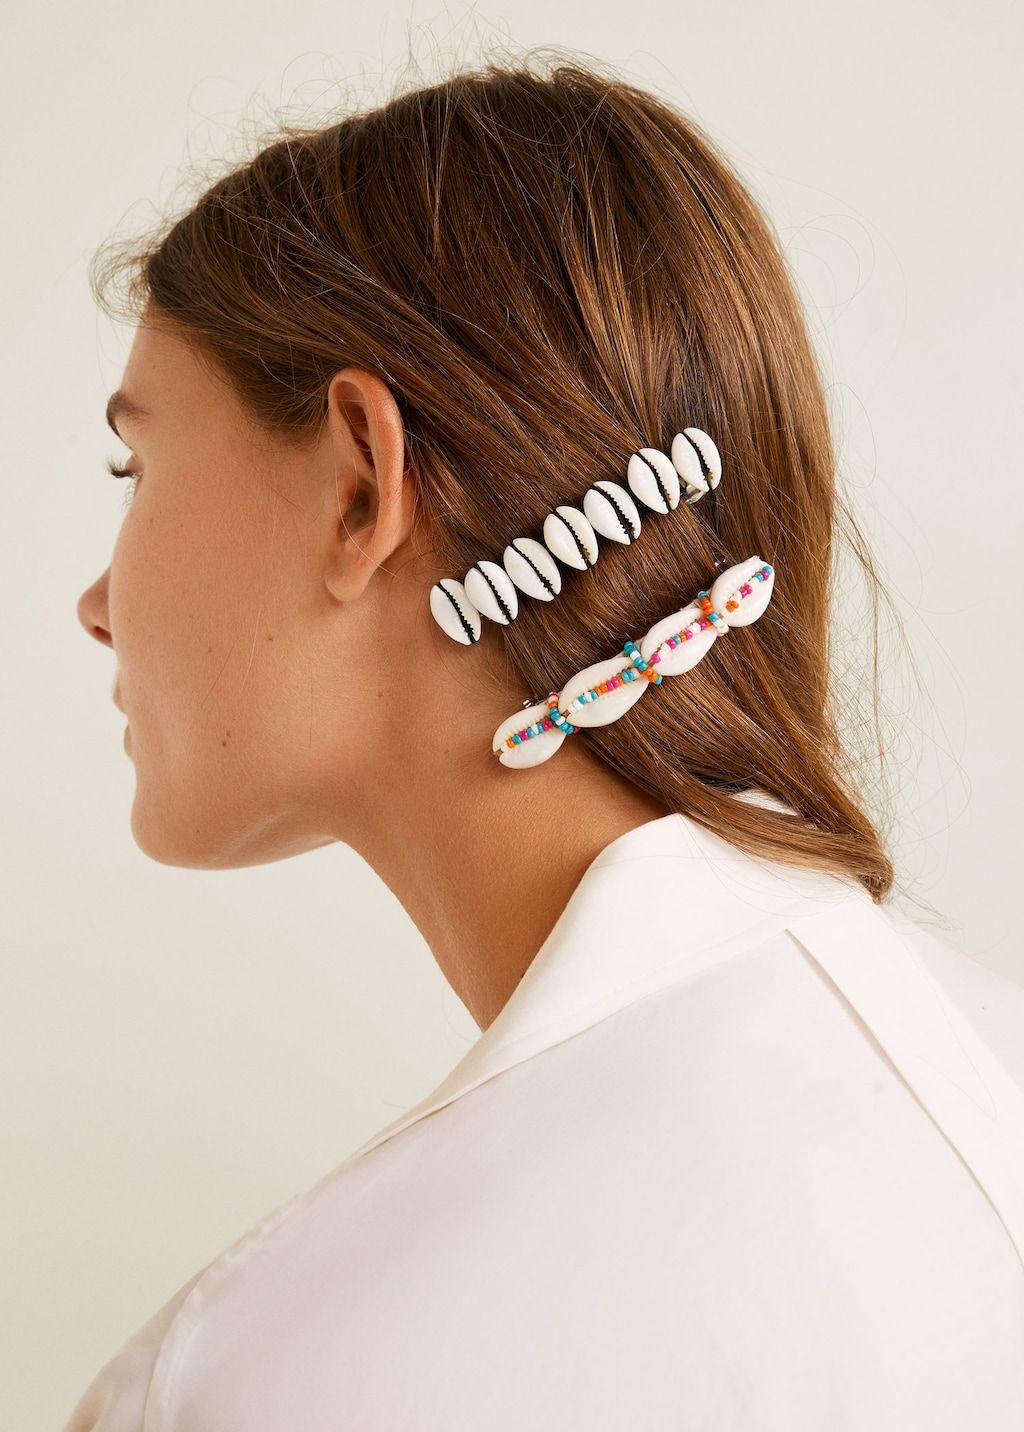 Épinglé sur Coiffure / Hairstyle